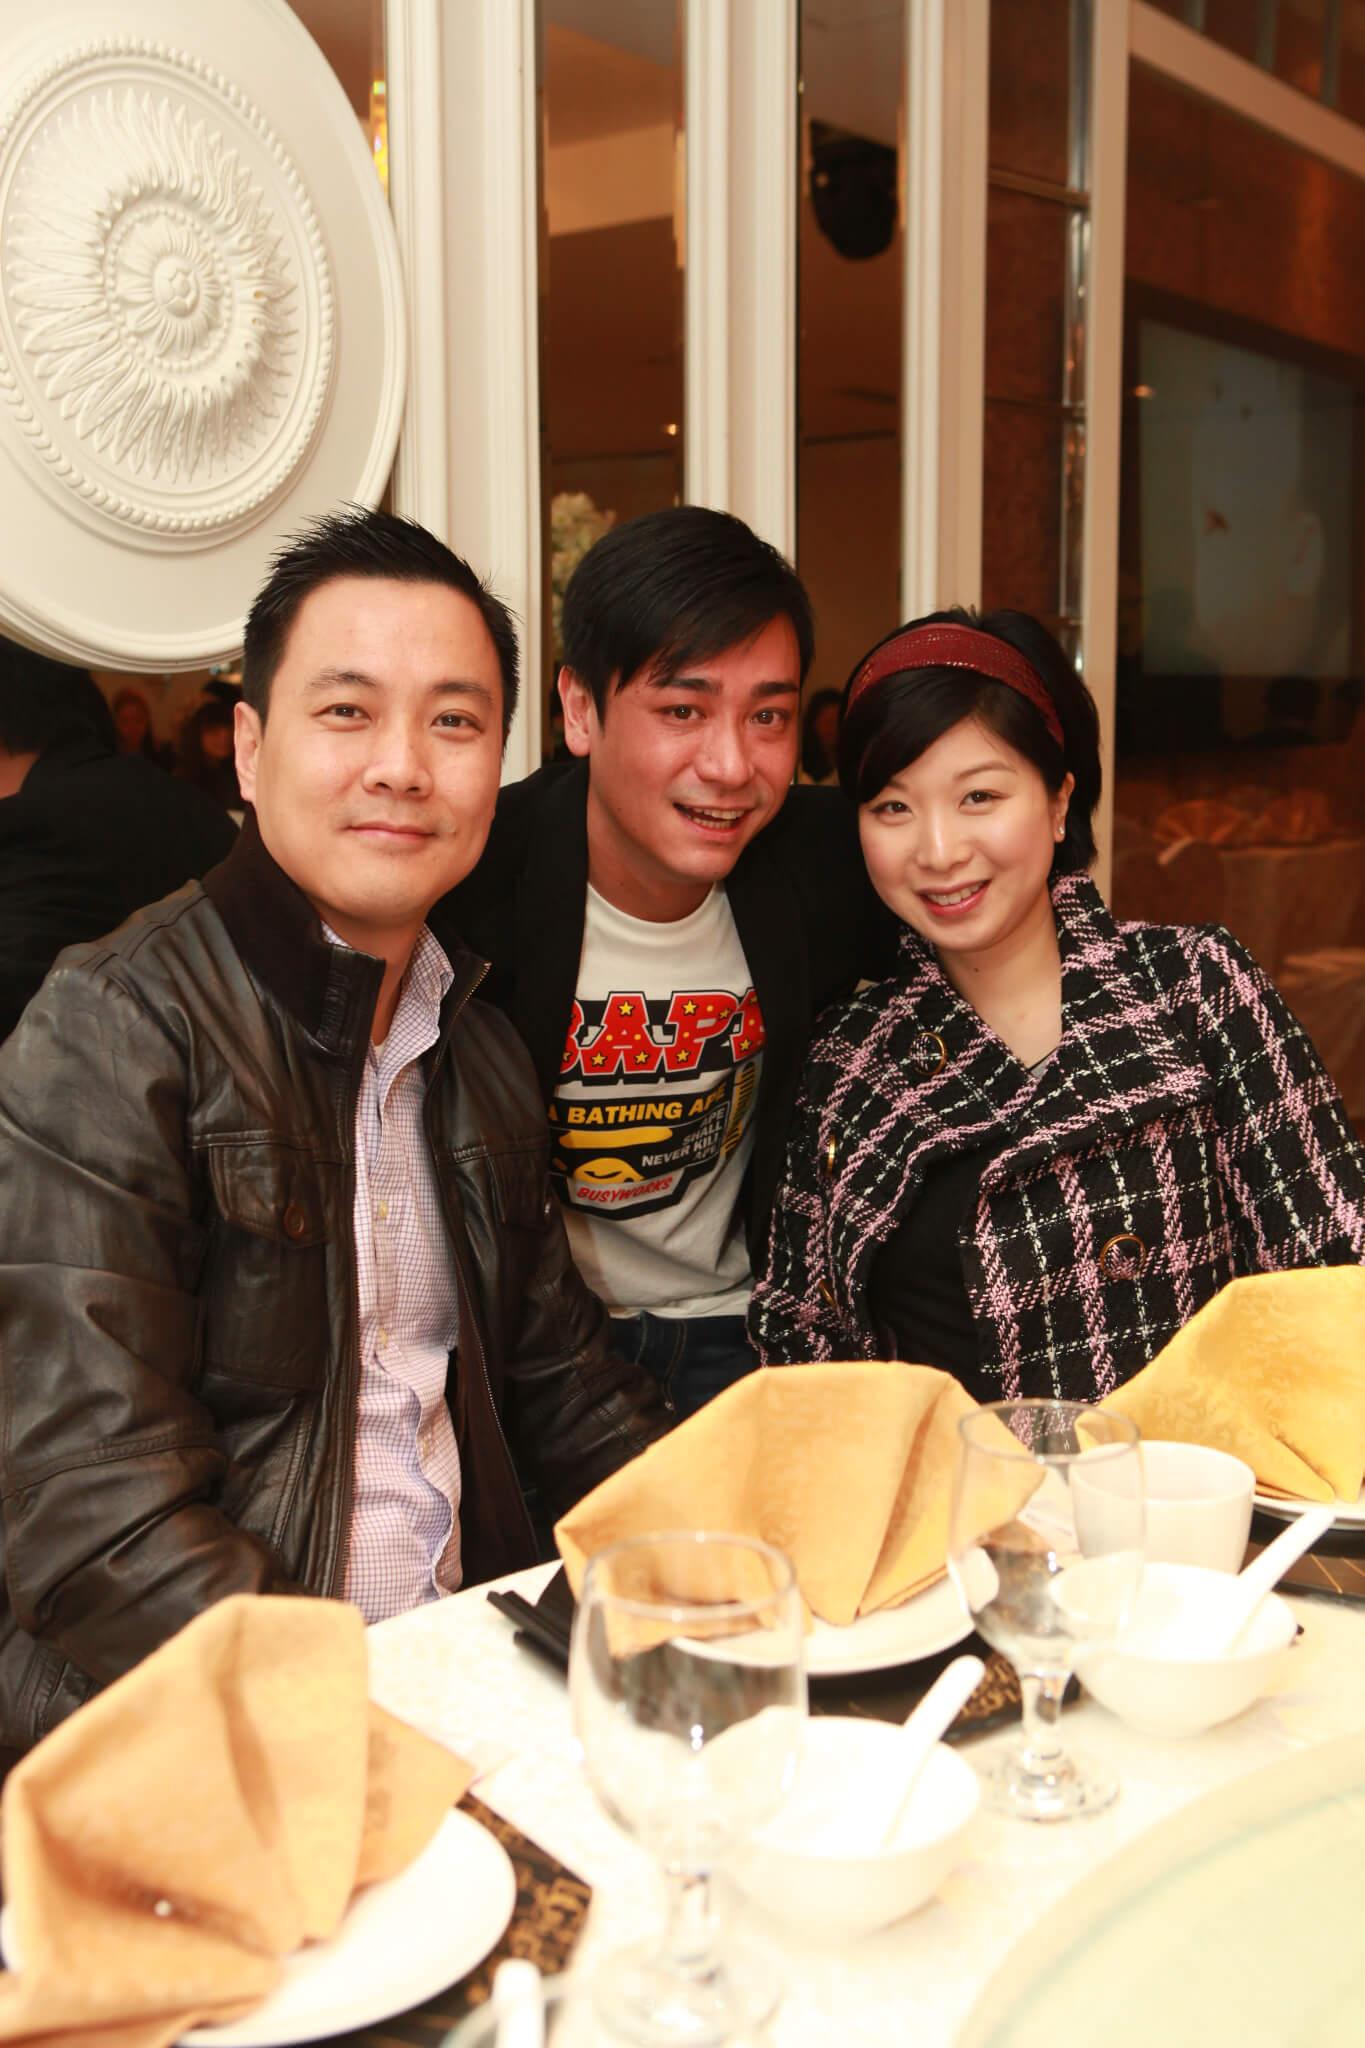 2013年,李忠希為女兒擺百日宴,胡家惠與老公邱仲平到賀;2018年,胡家惠與邱仲平離婚。